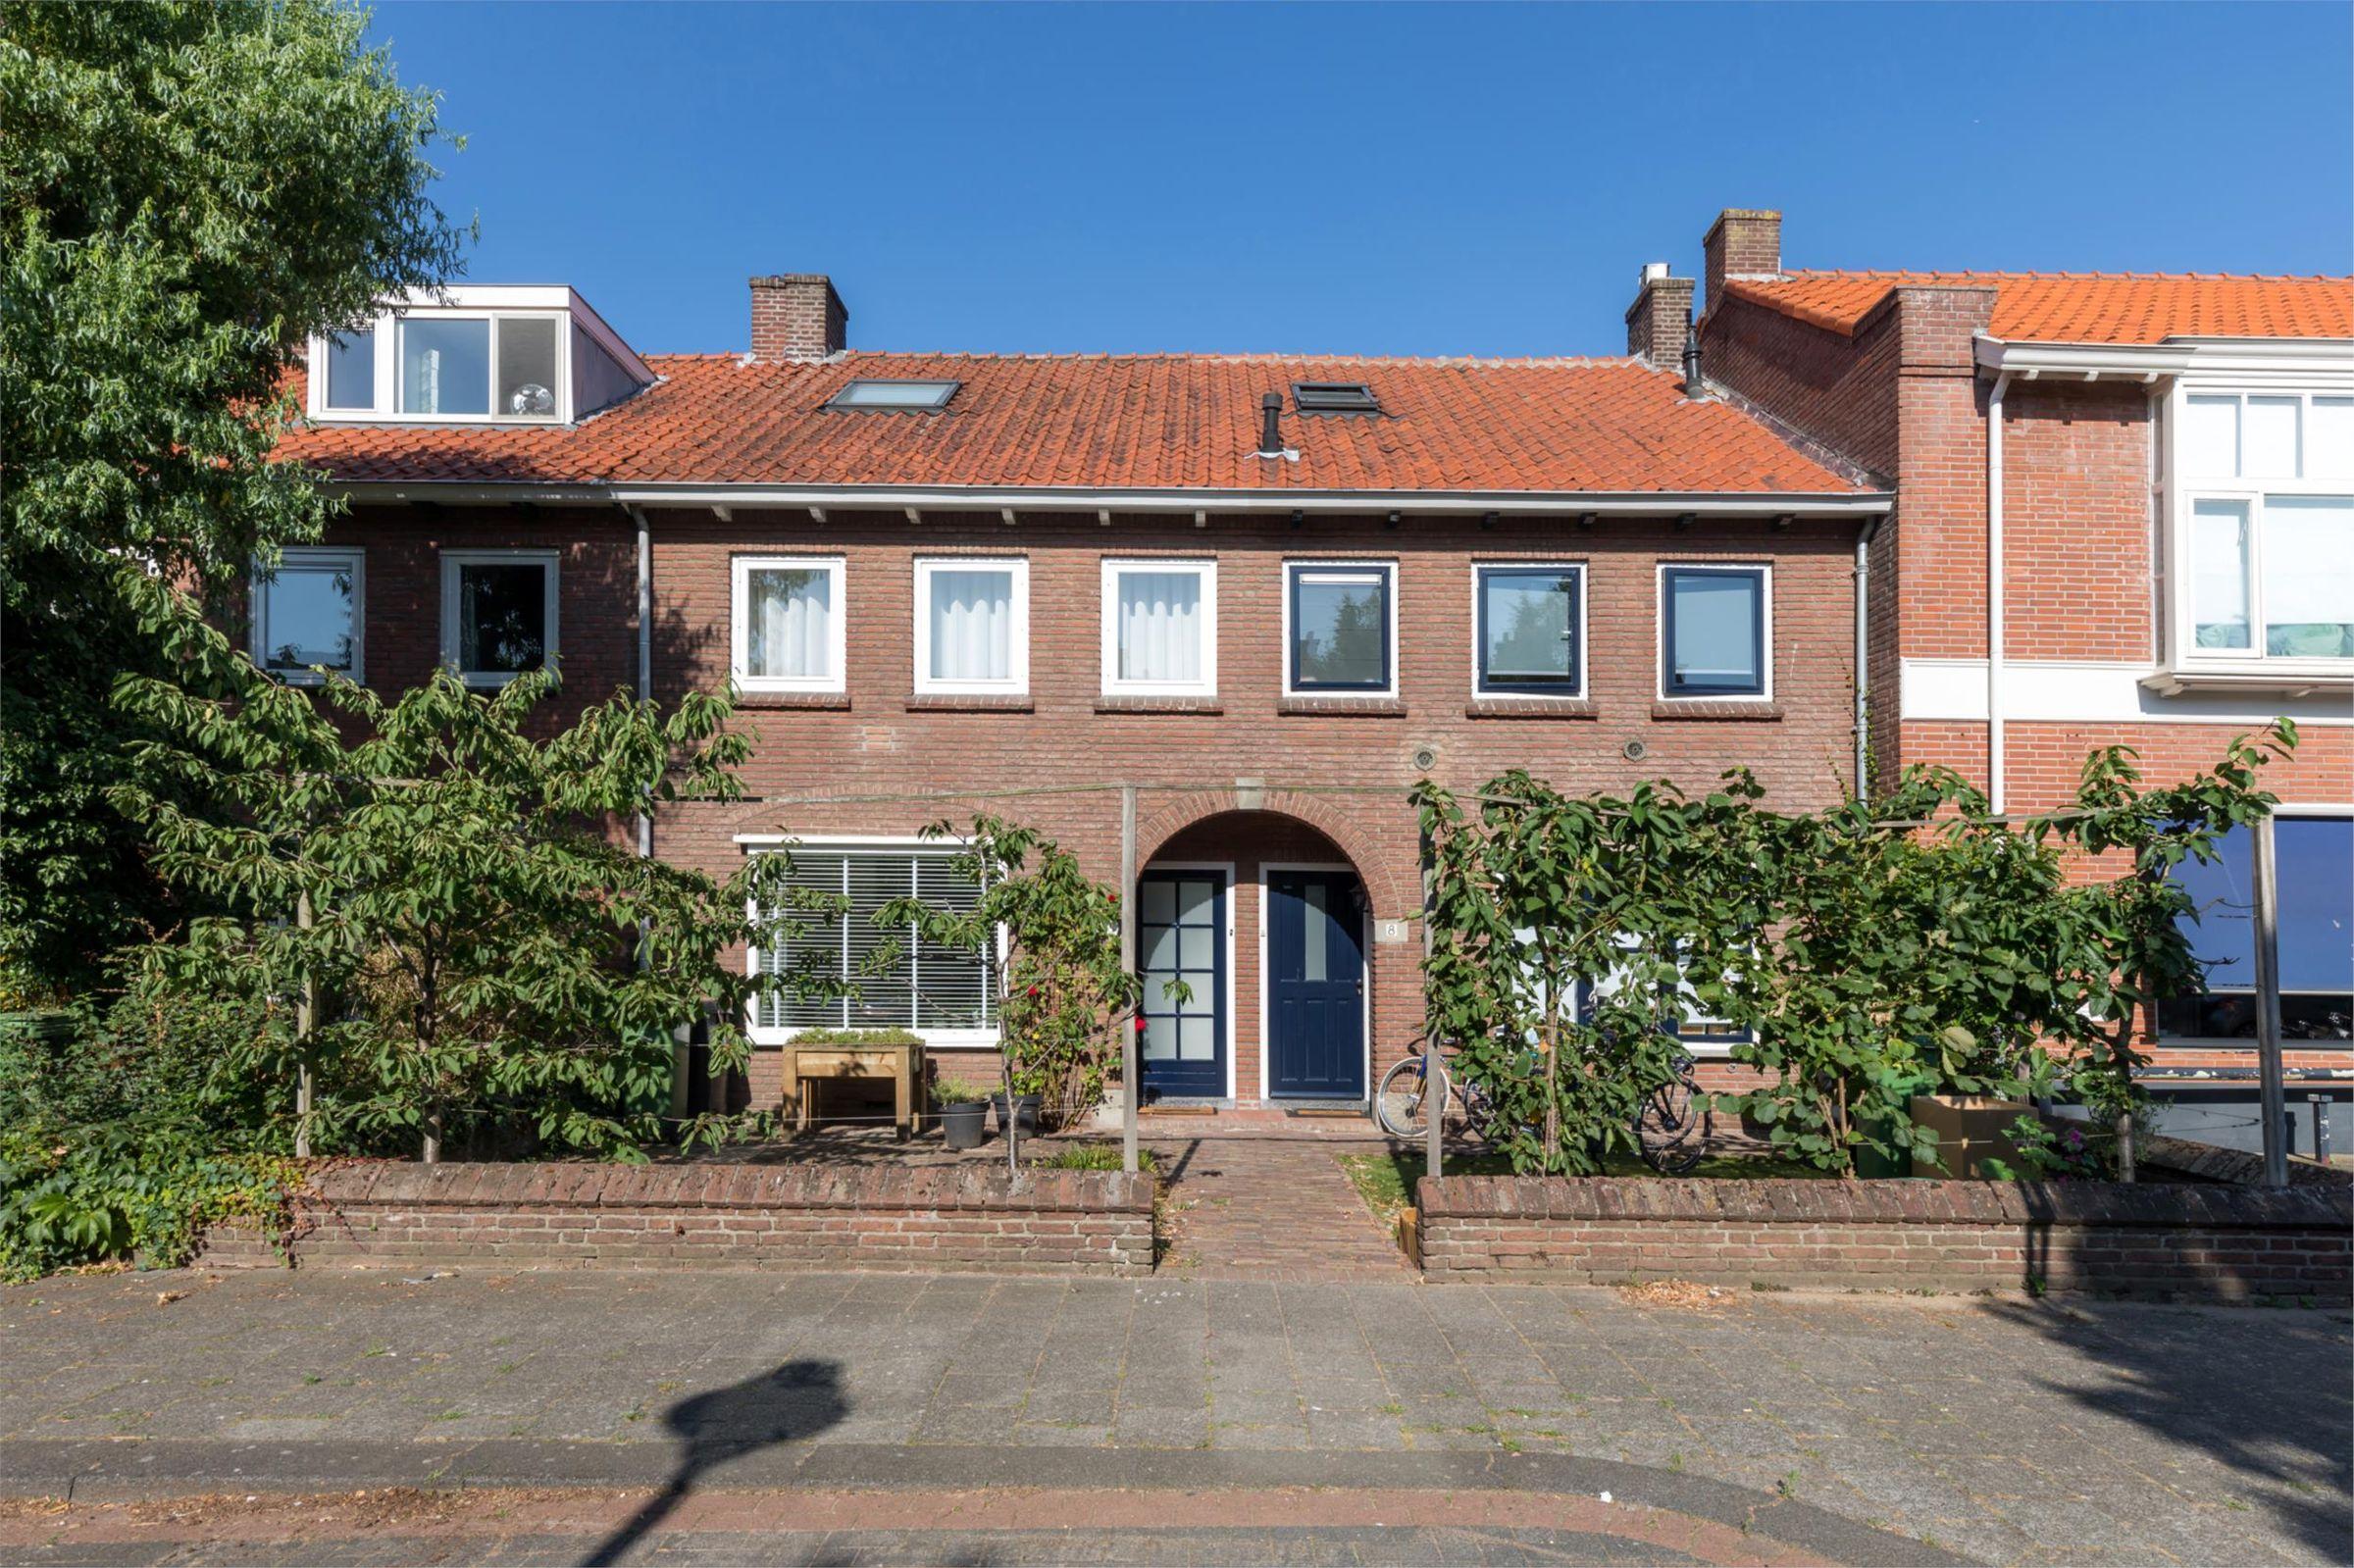 Van Gilsstraat 6, 's-Hertogenbosch